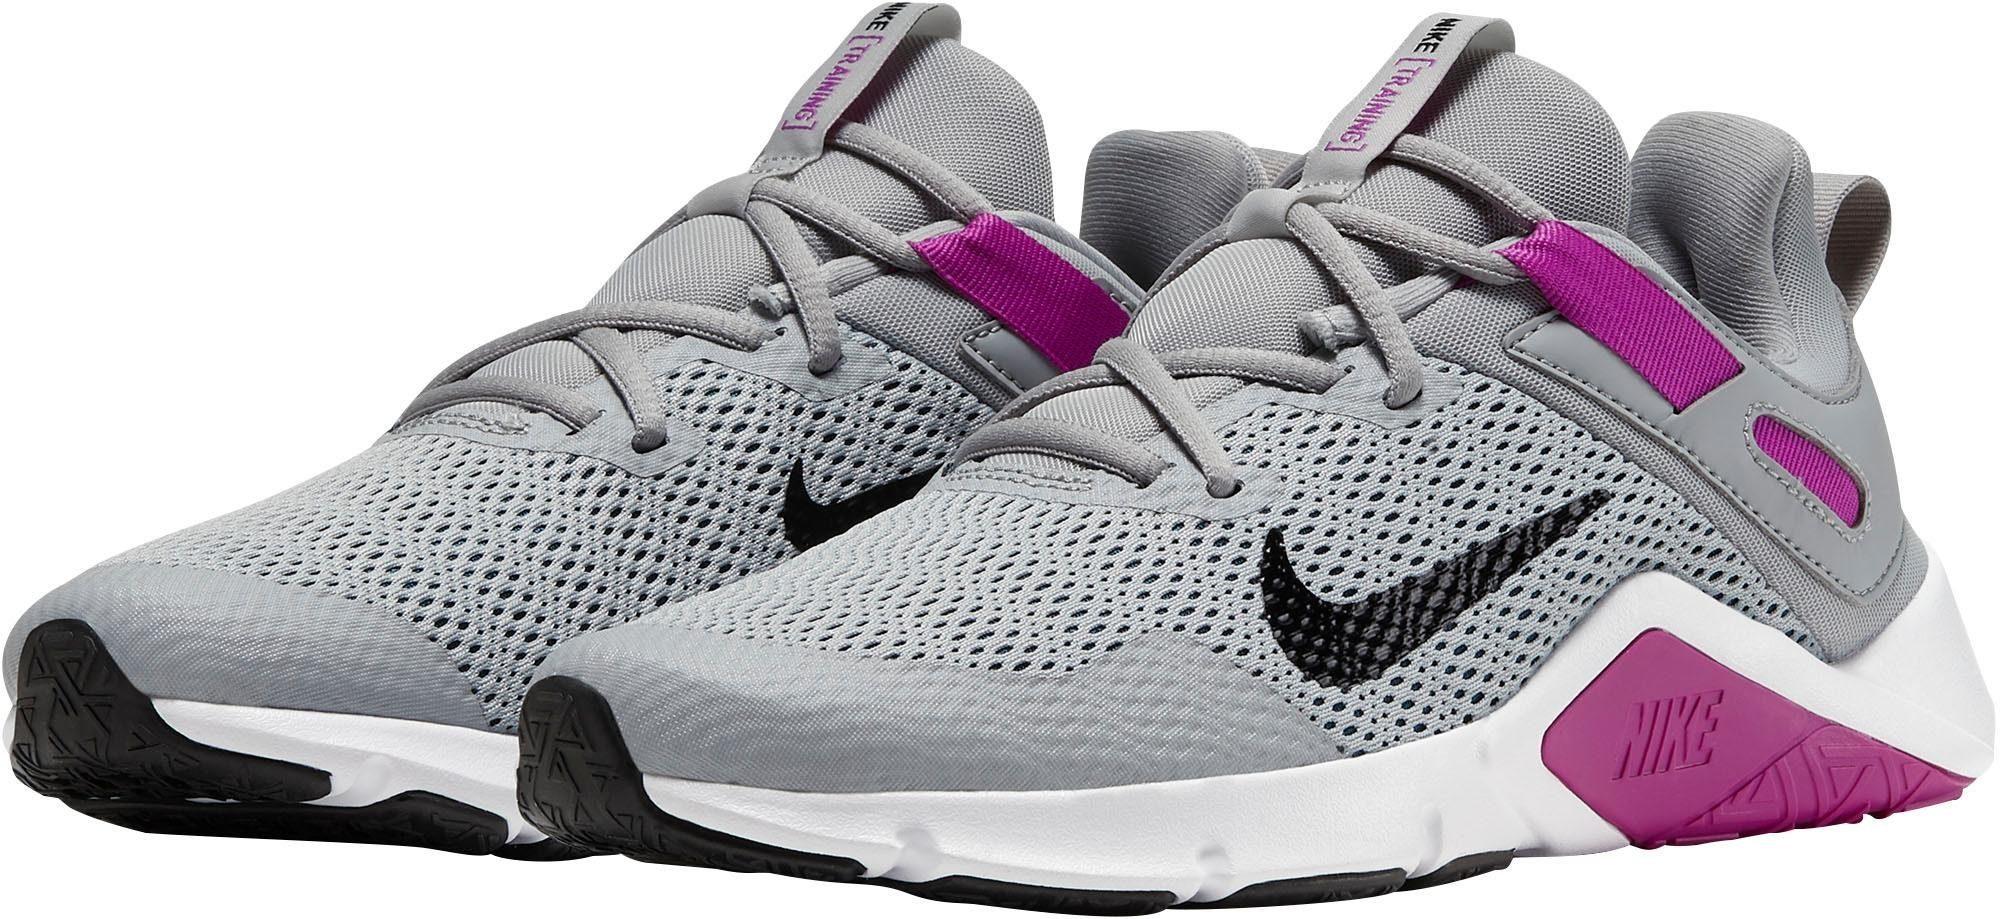 Nike »Wmns Legend« Fitnessschuh online kaufen | OTTO